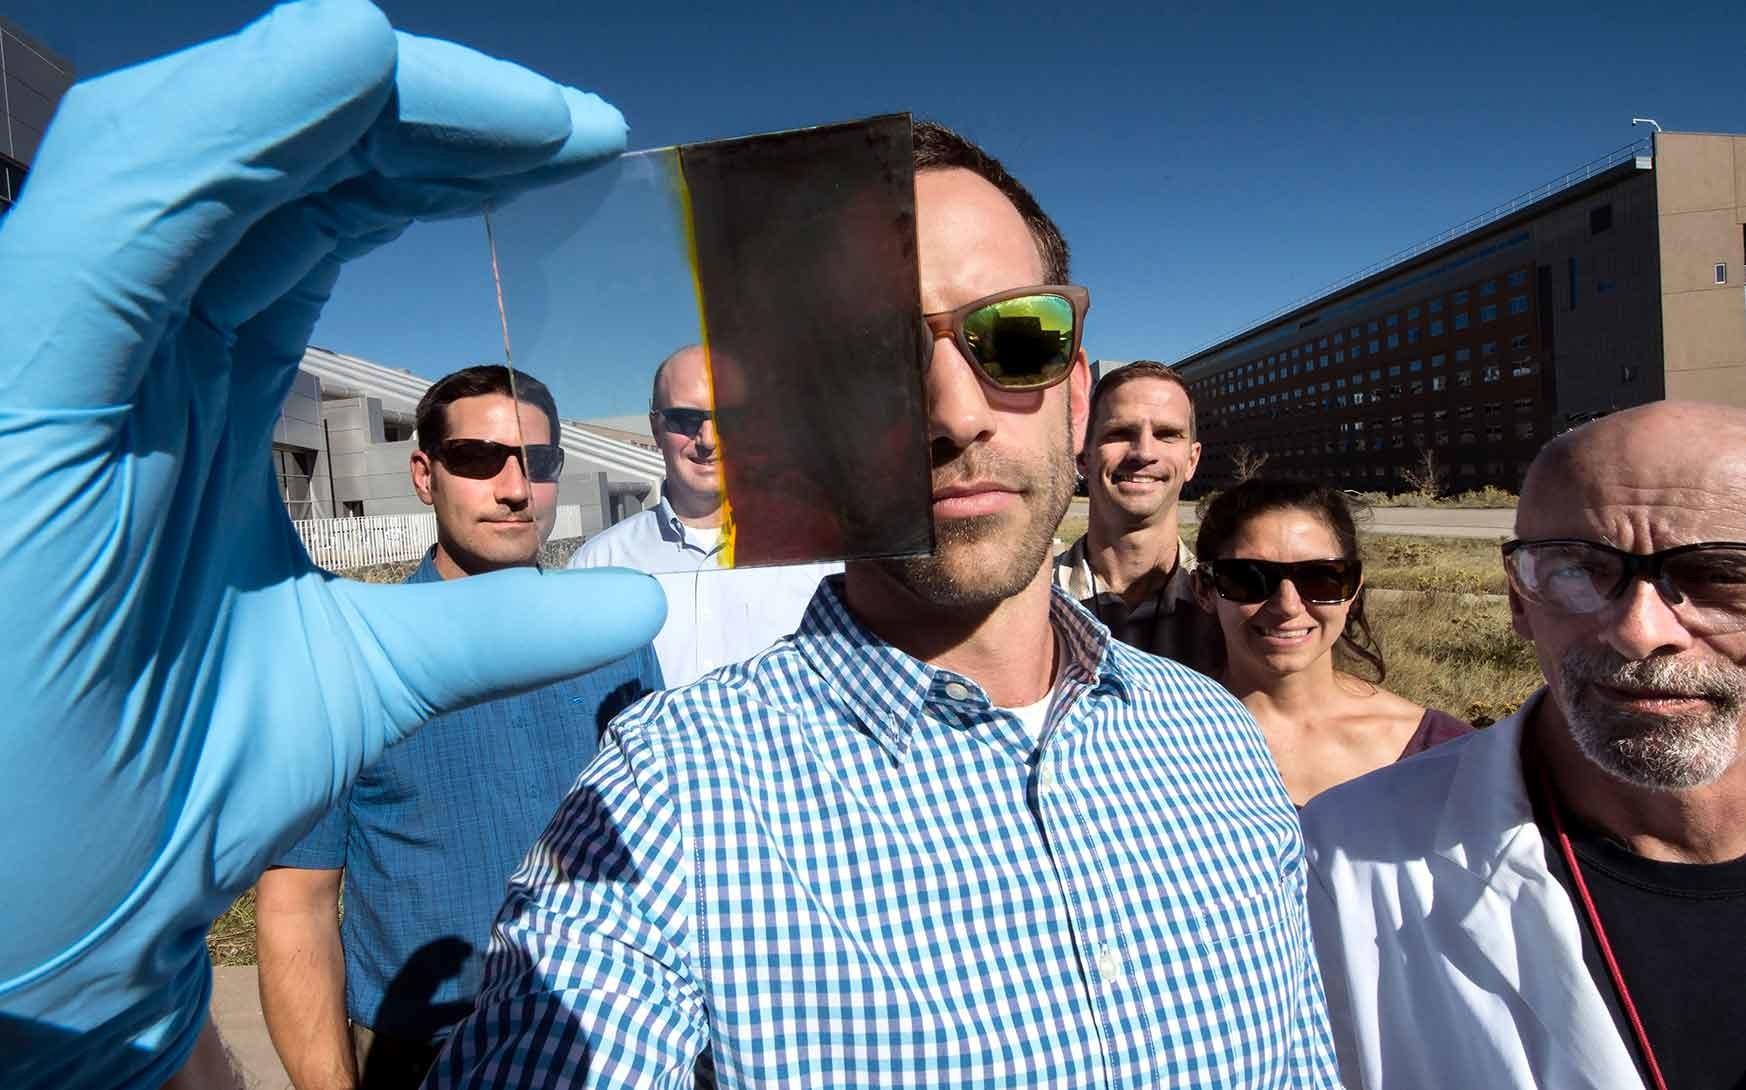 captacion solar lance wheeler NREL termocromico